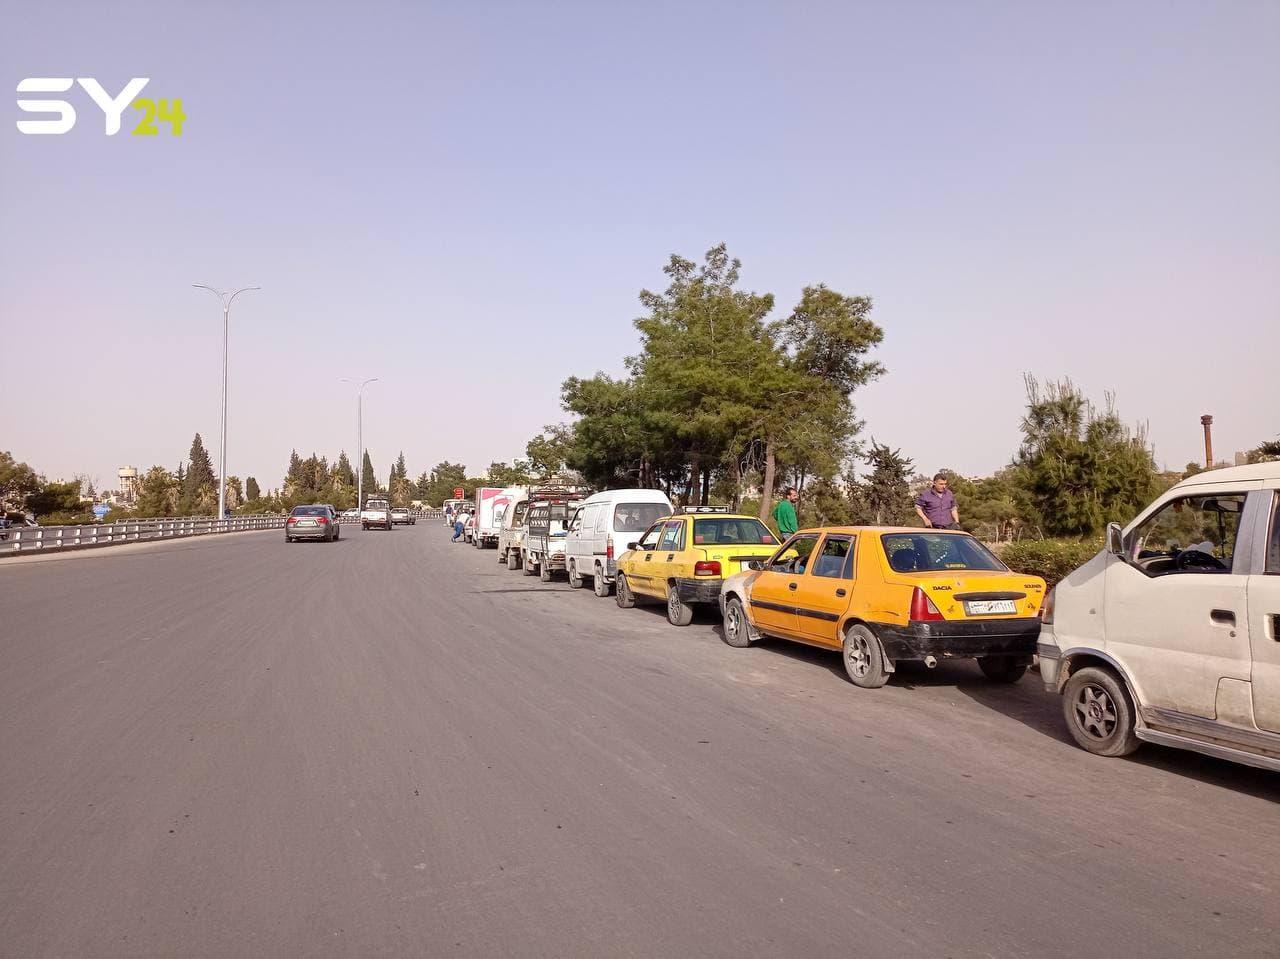 رغم الطوابير.. النظام السوري يرفع سعر البنزين مجدداً